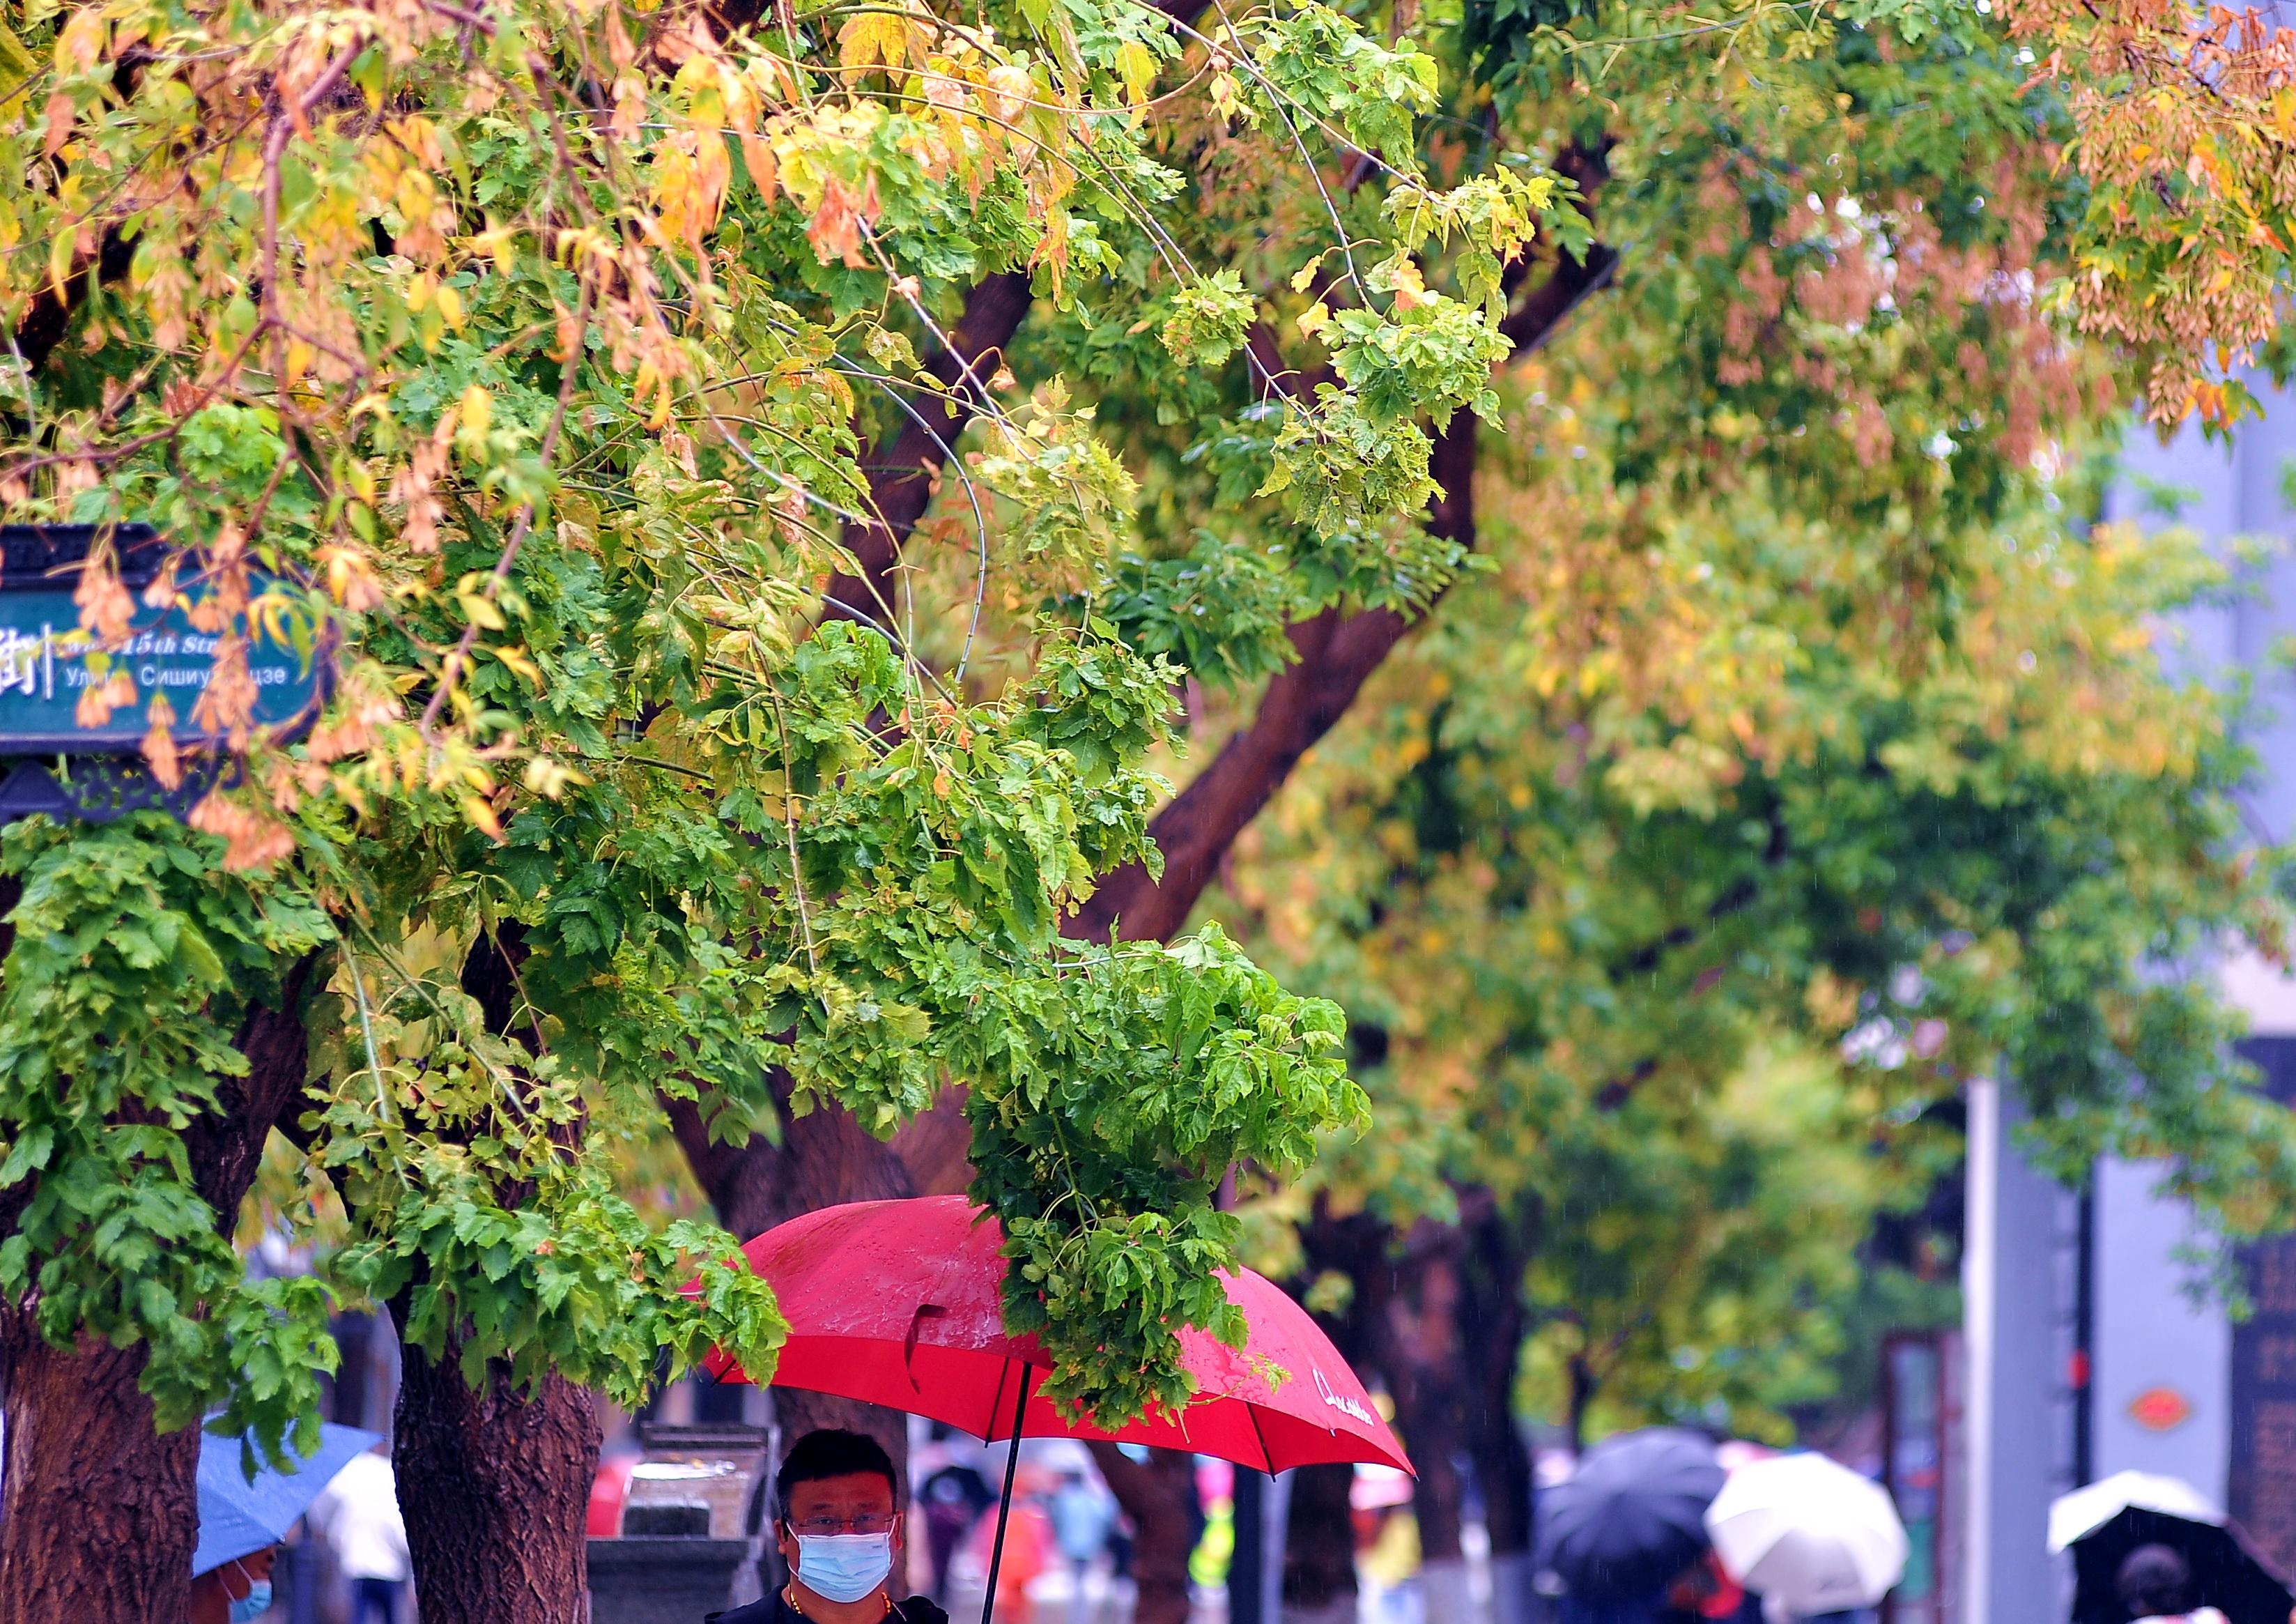 7日早晨,哈尔滨下起了雨,一场秋雨一场凉,气温也明显下降。道里区中央大街上,市民和游客们撑伞出行;街两旁的树木也都显露出了秋天的颜色,一些黄叶被雨水打落在地。